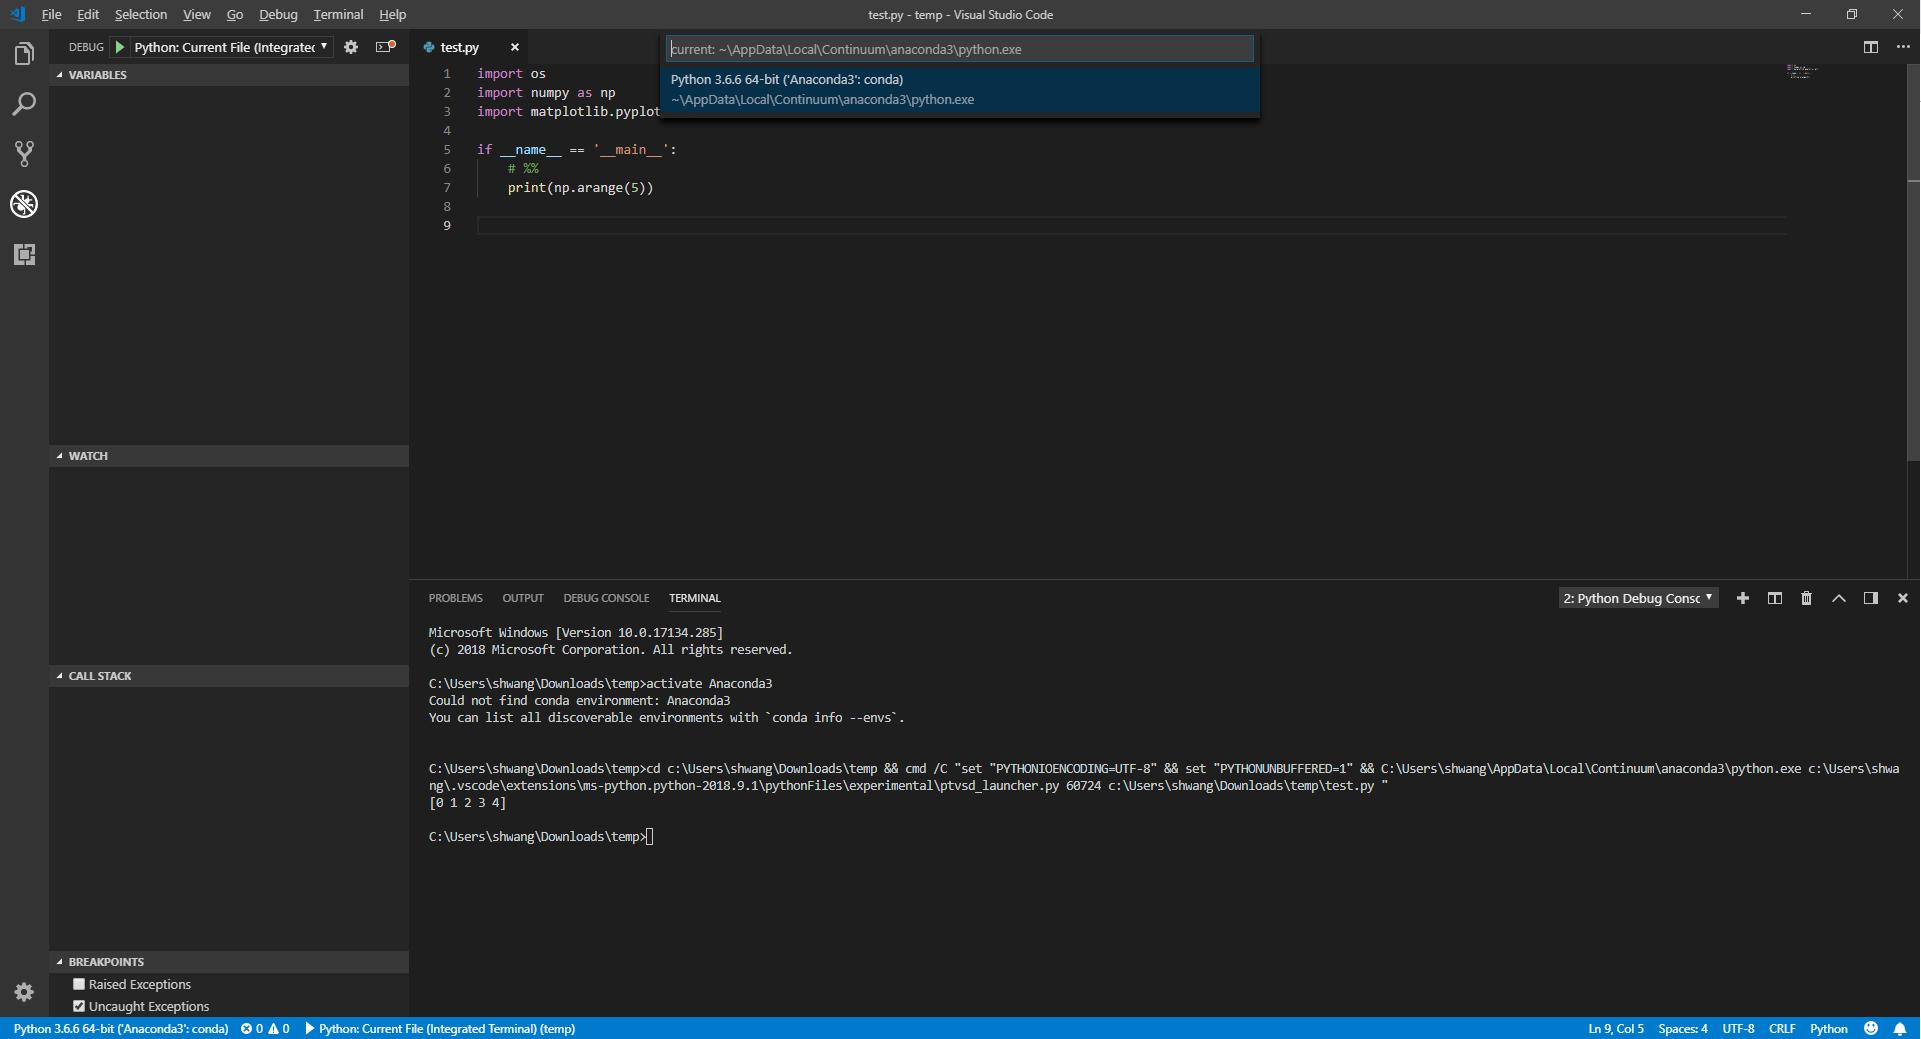 VS Code with Python in Anaconda - weird environment name